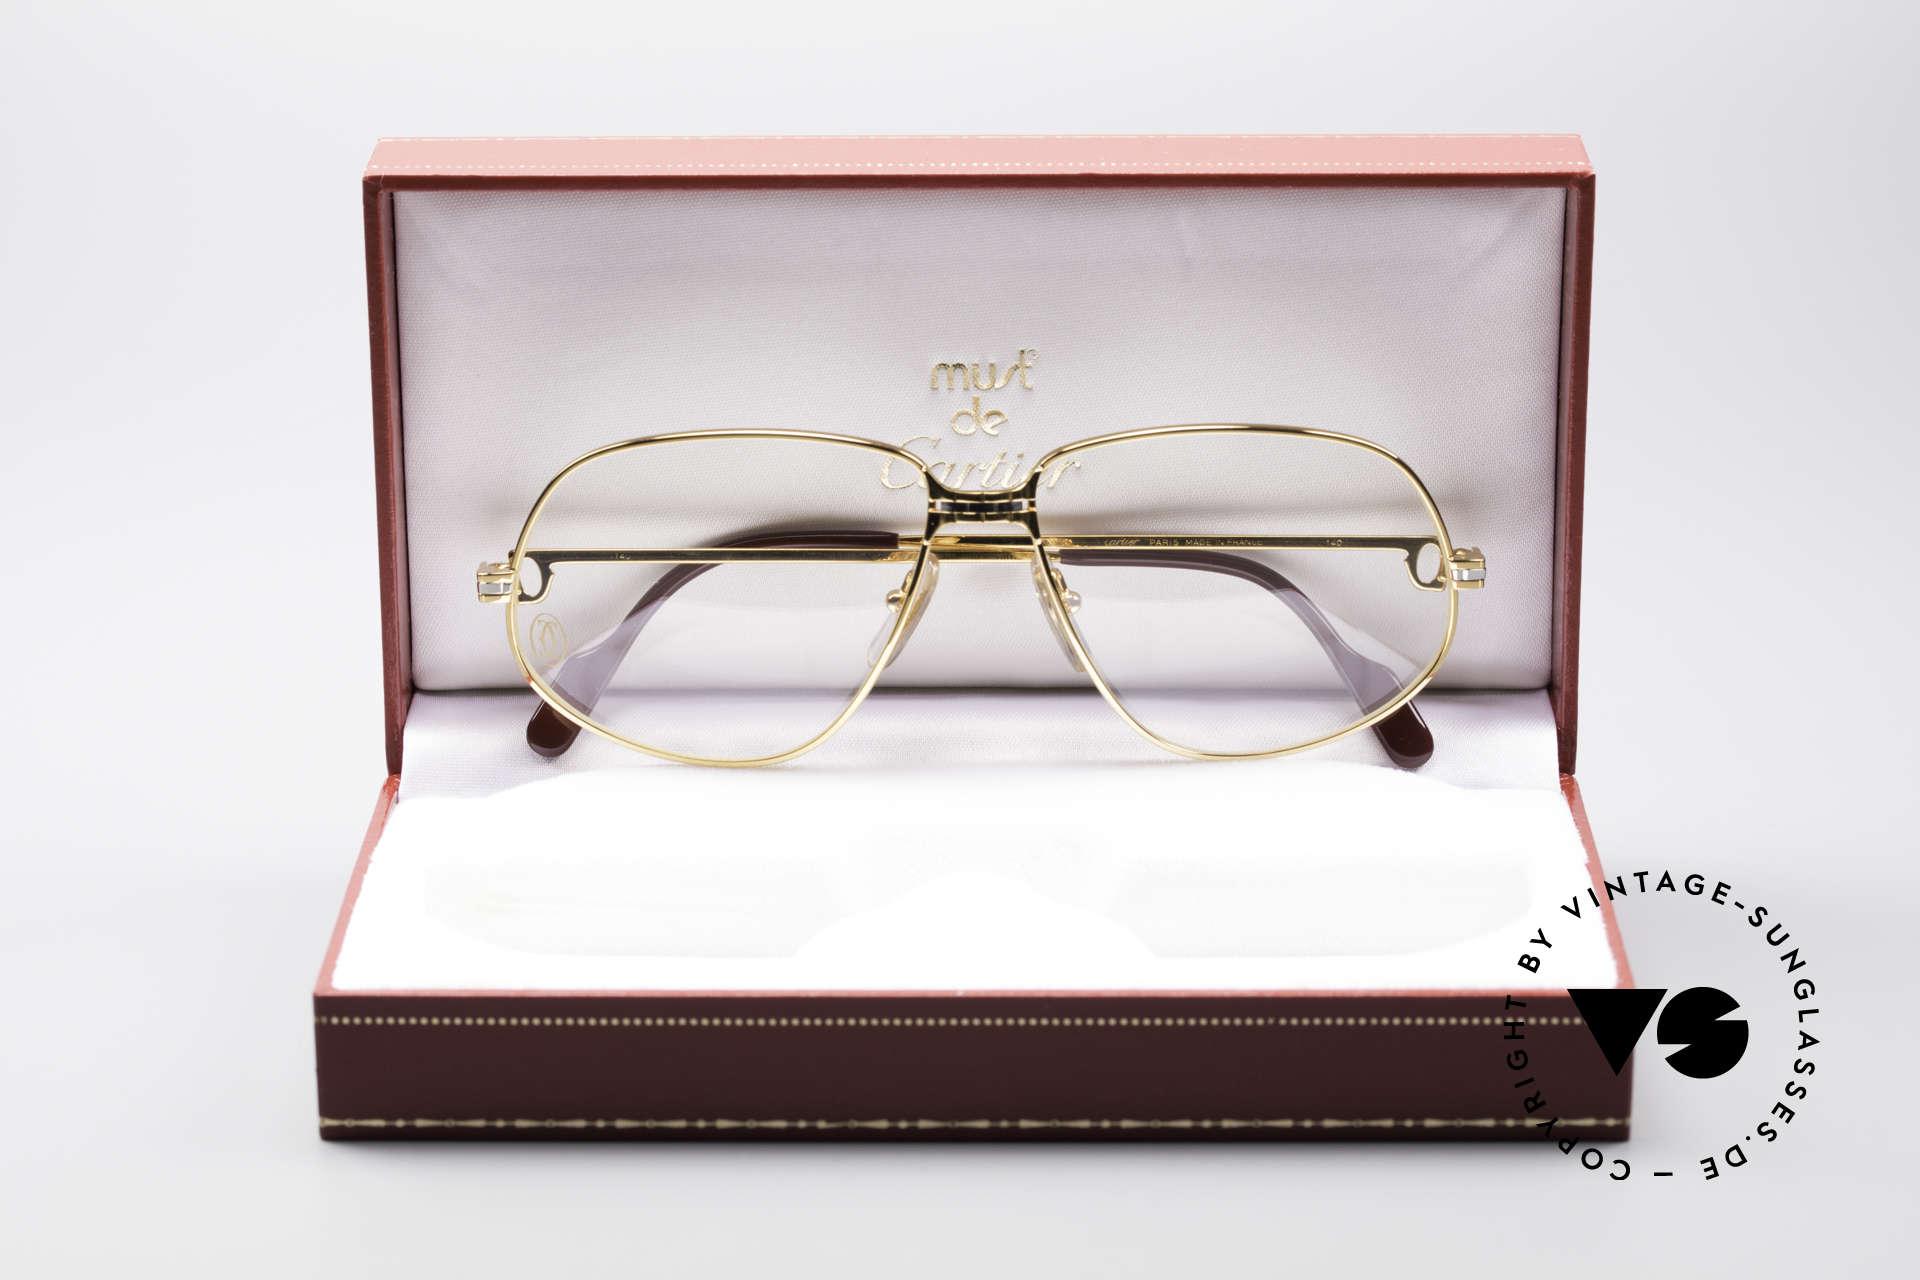 Cartier Panthere G.M. - L 80er Luxus Fassung, ungetragen mit OVP (selten in diesem Zustand zu finden), Passend für Herren